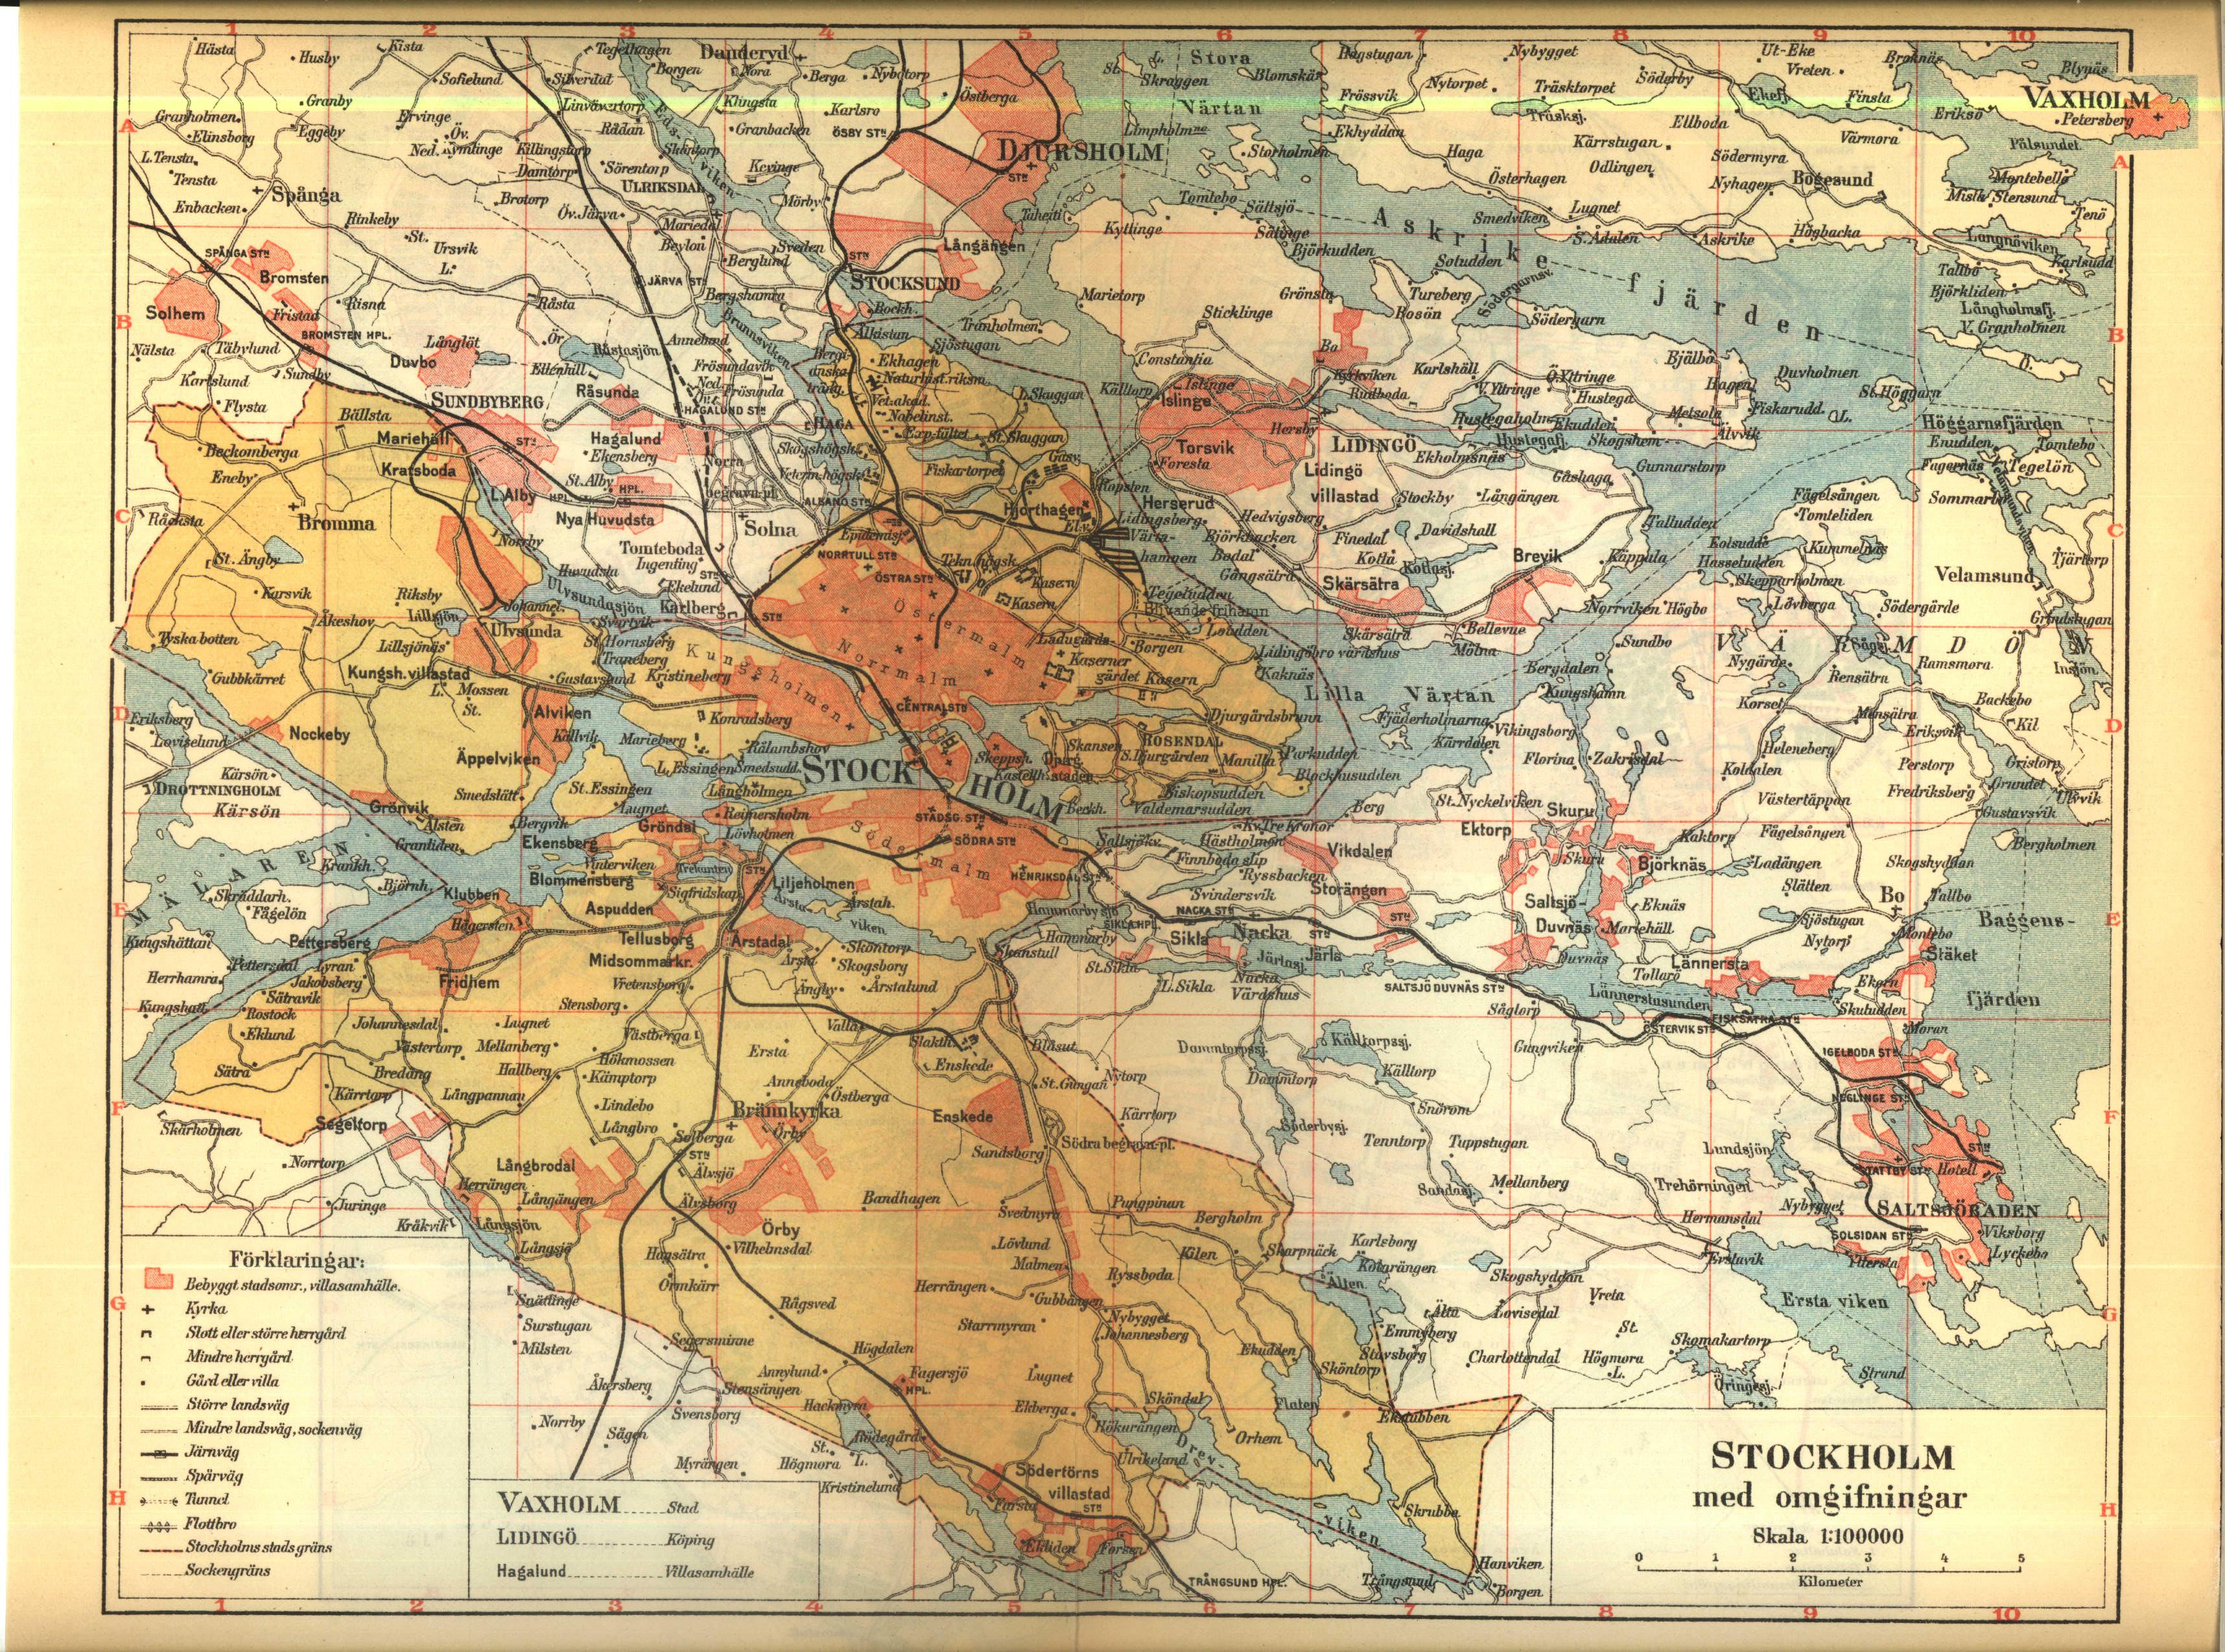 stockholm city karta File:Karta över Stockholm med omgivningar på 1910 talet (ur  stockholm city karta